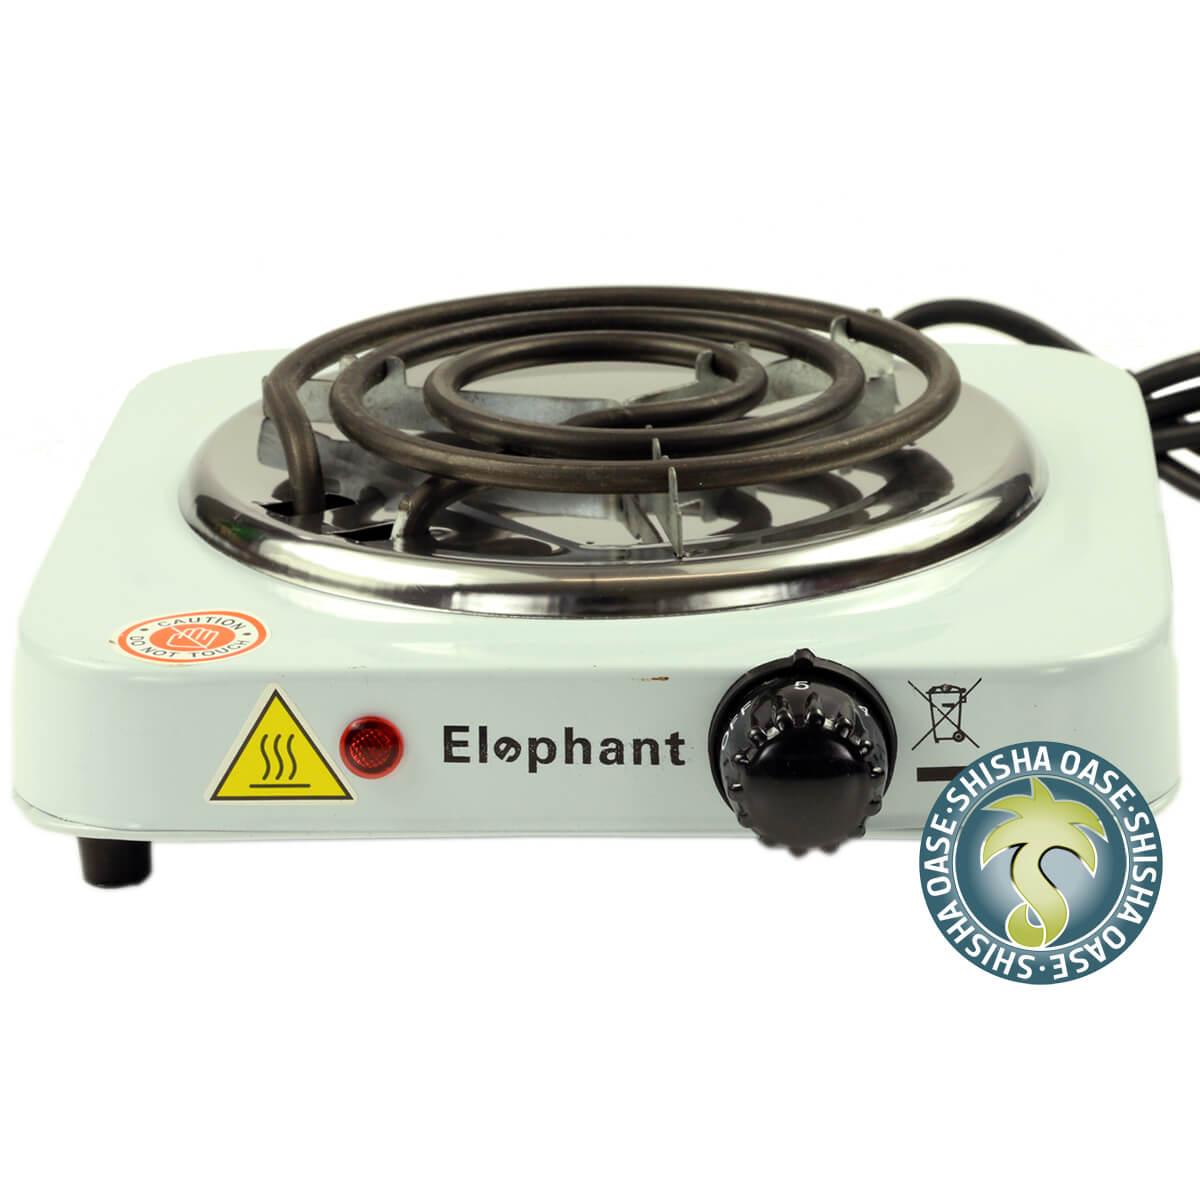 Elephant Kohleanzünder (elektrisch)